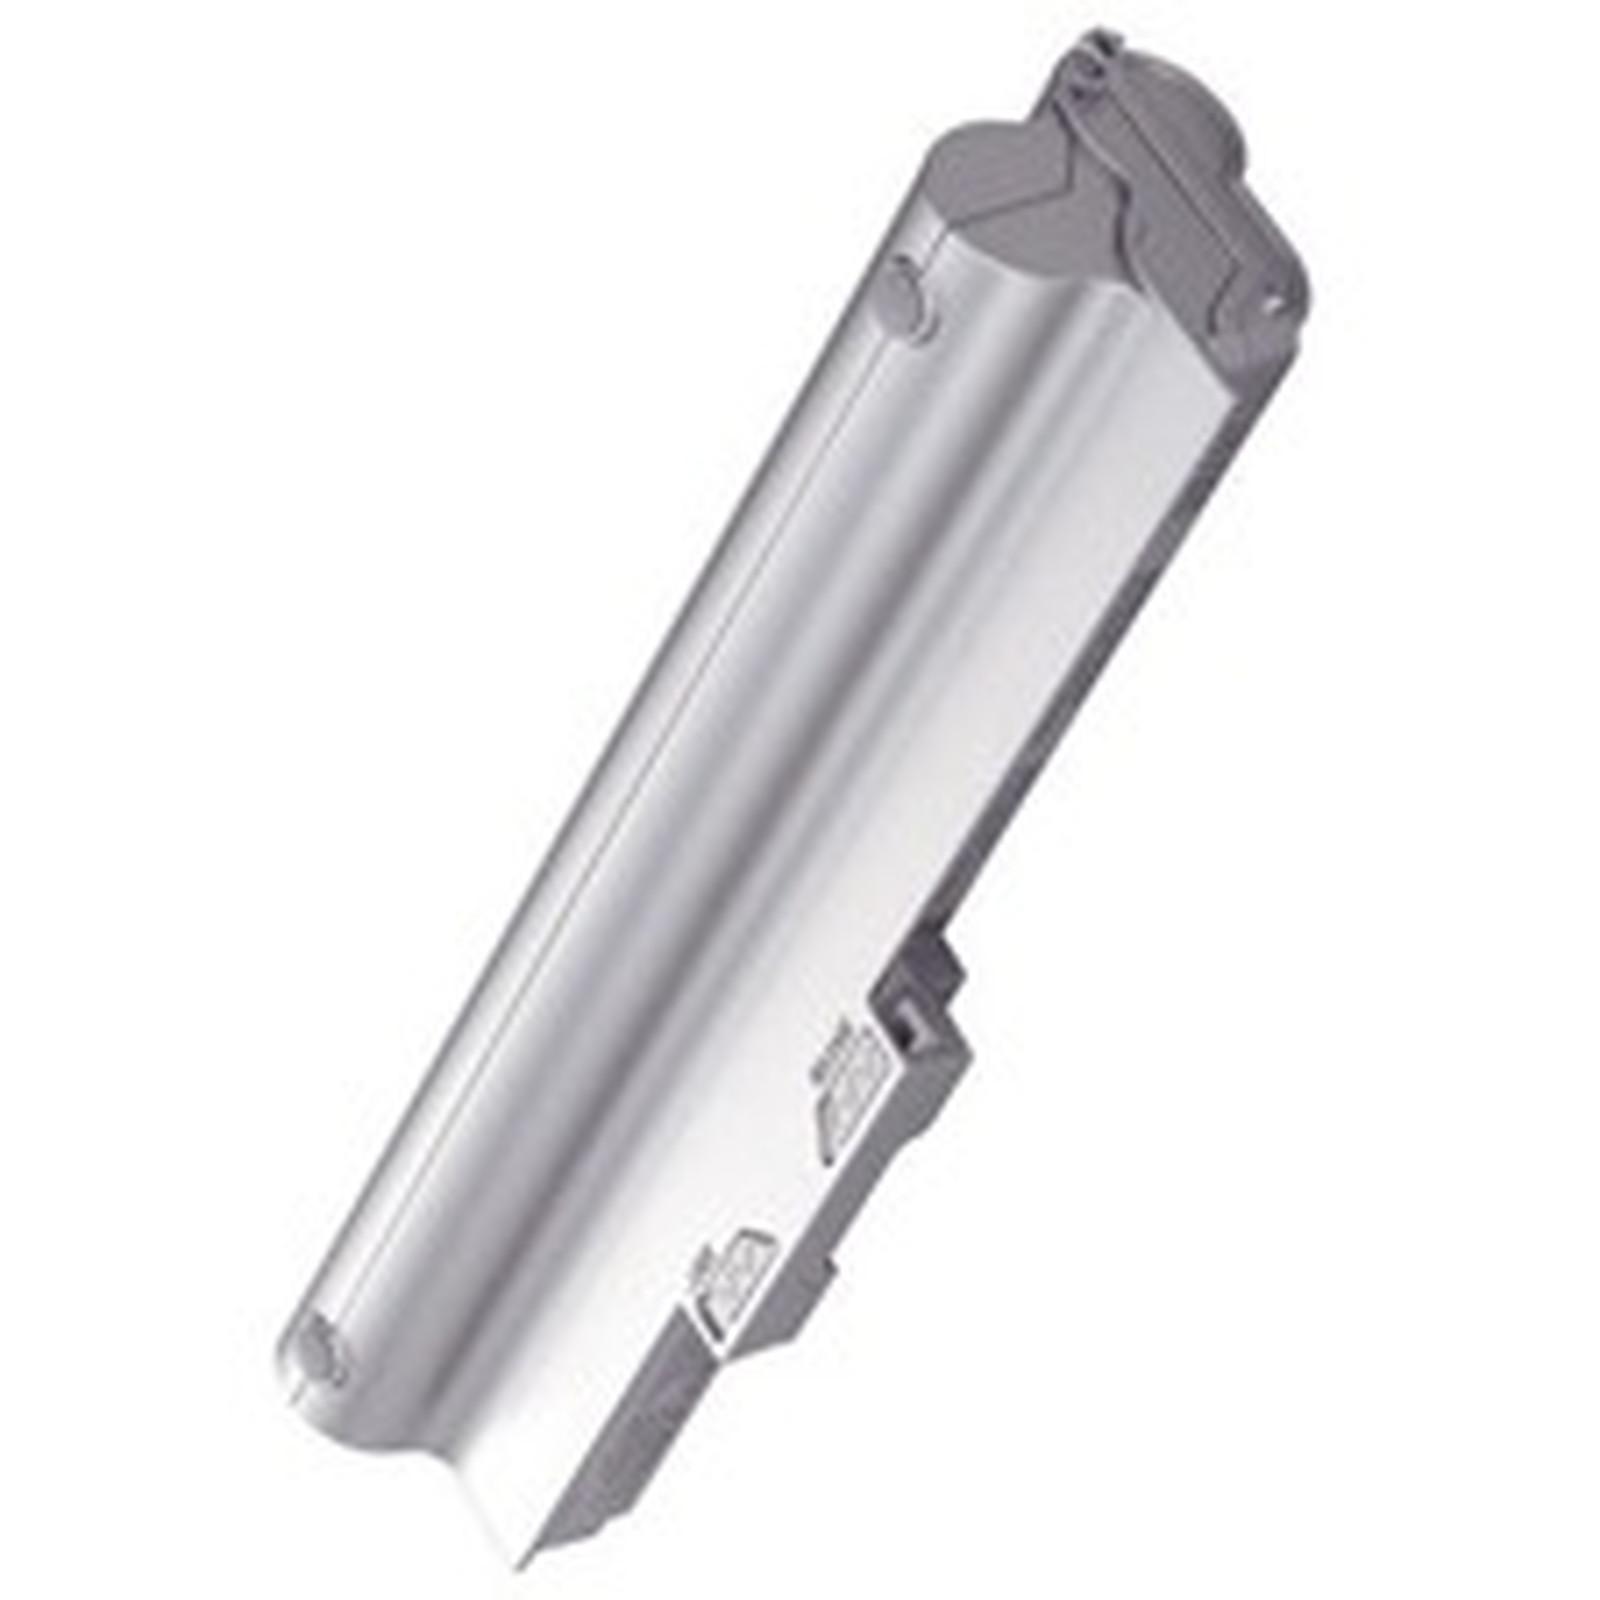 Batterie Lithium-ion 8100 mAh 11.1V